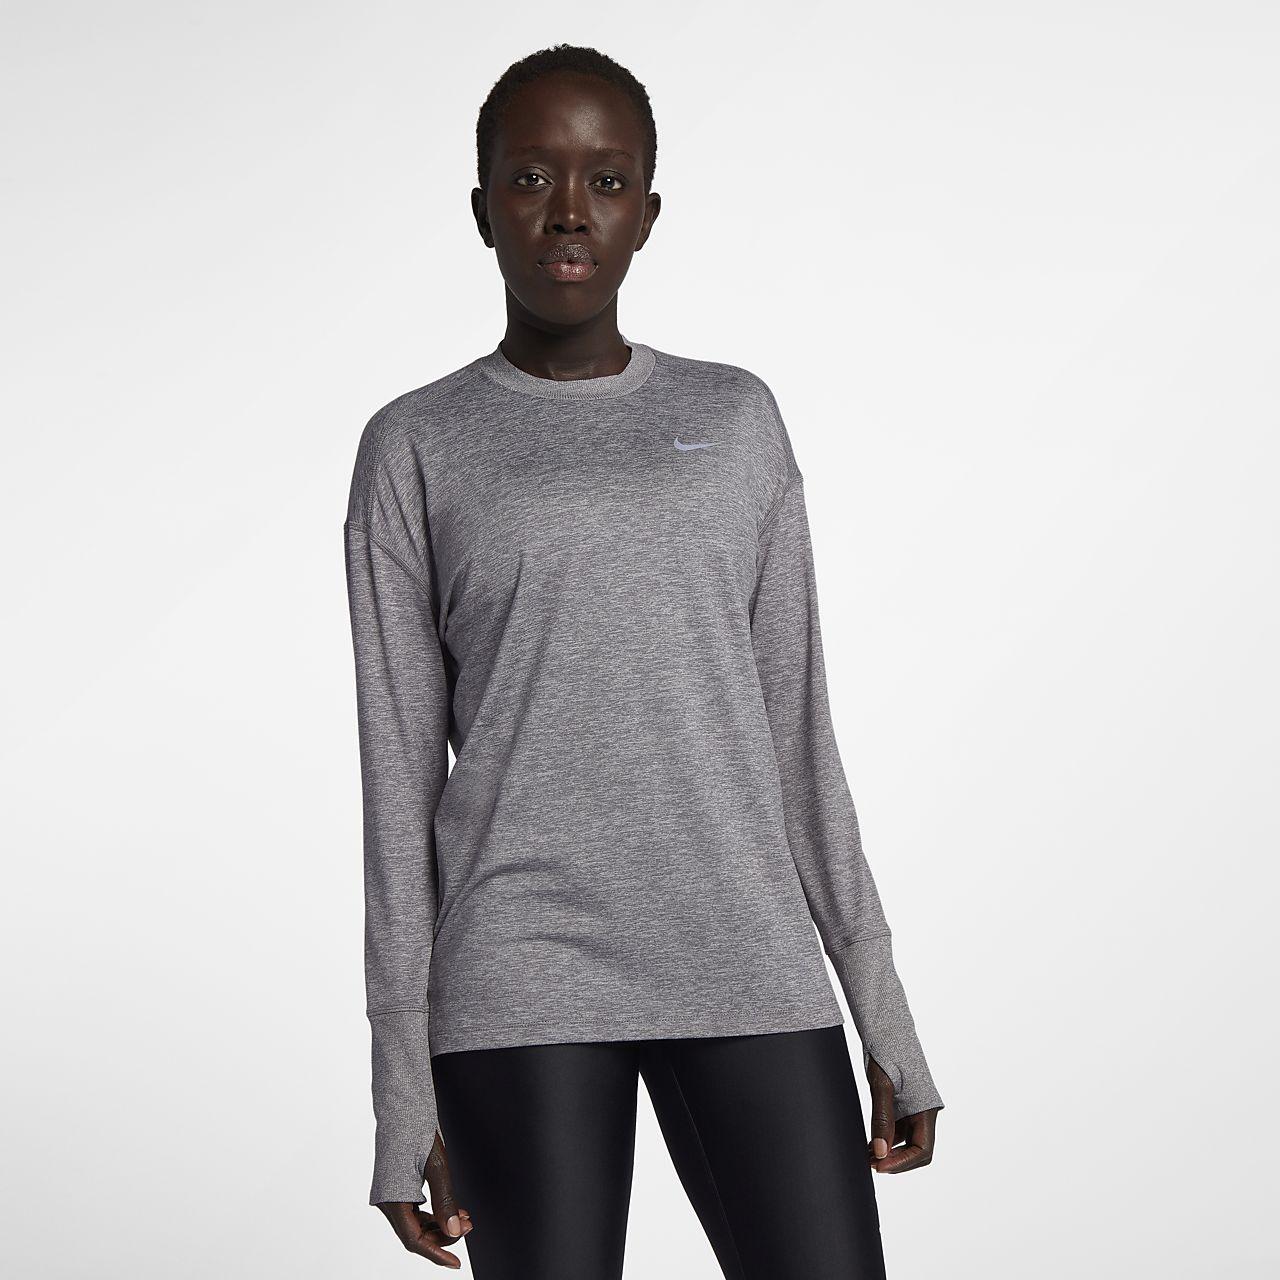 Nike-løbetop til kvinder